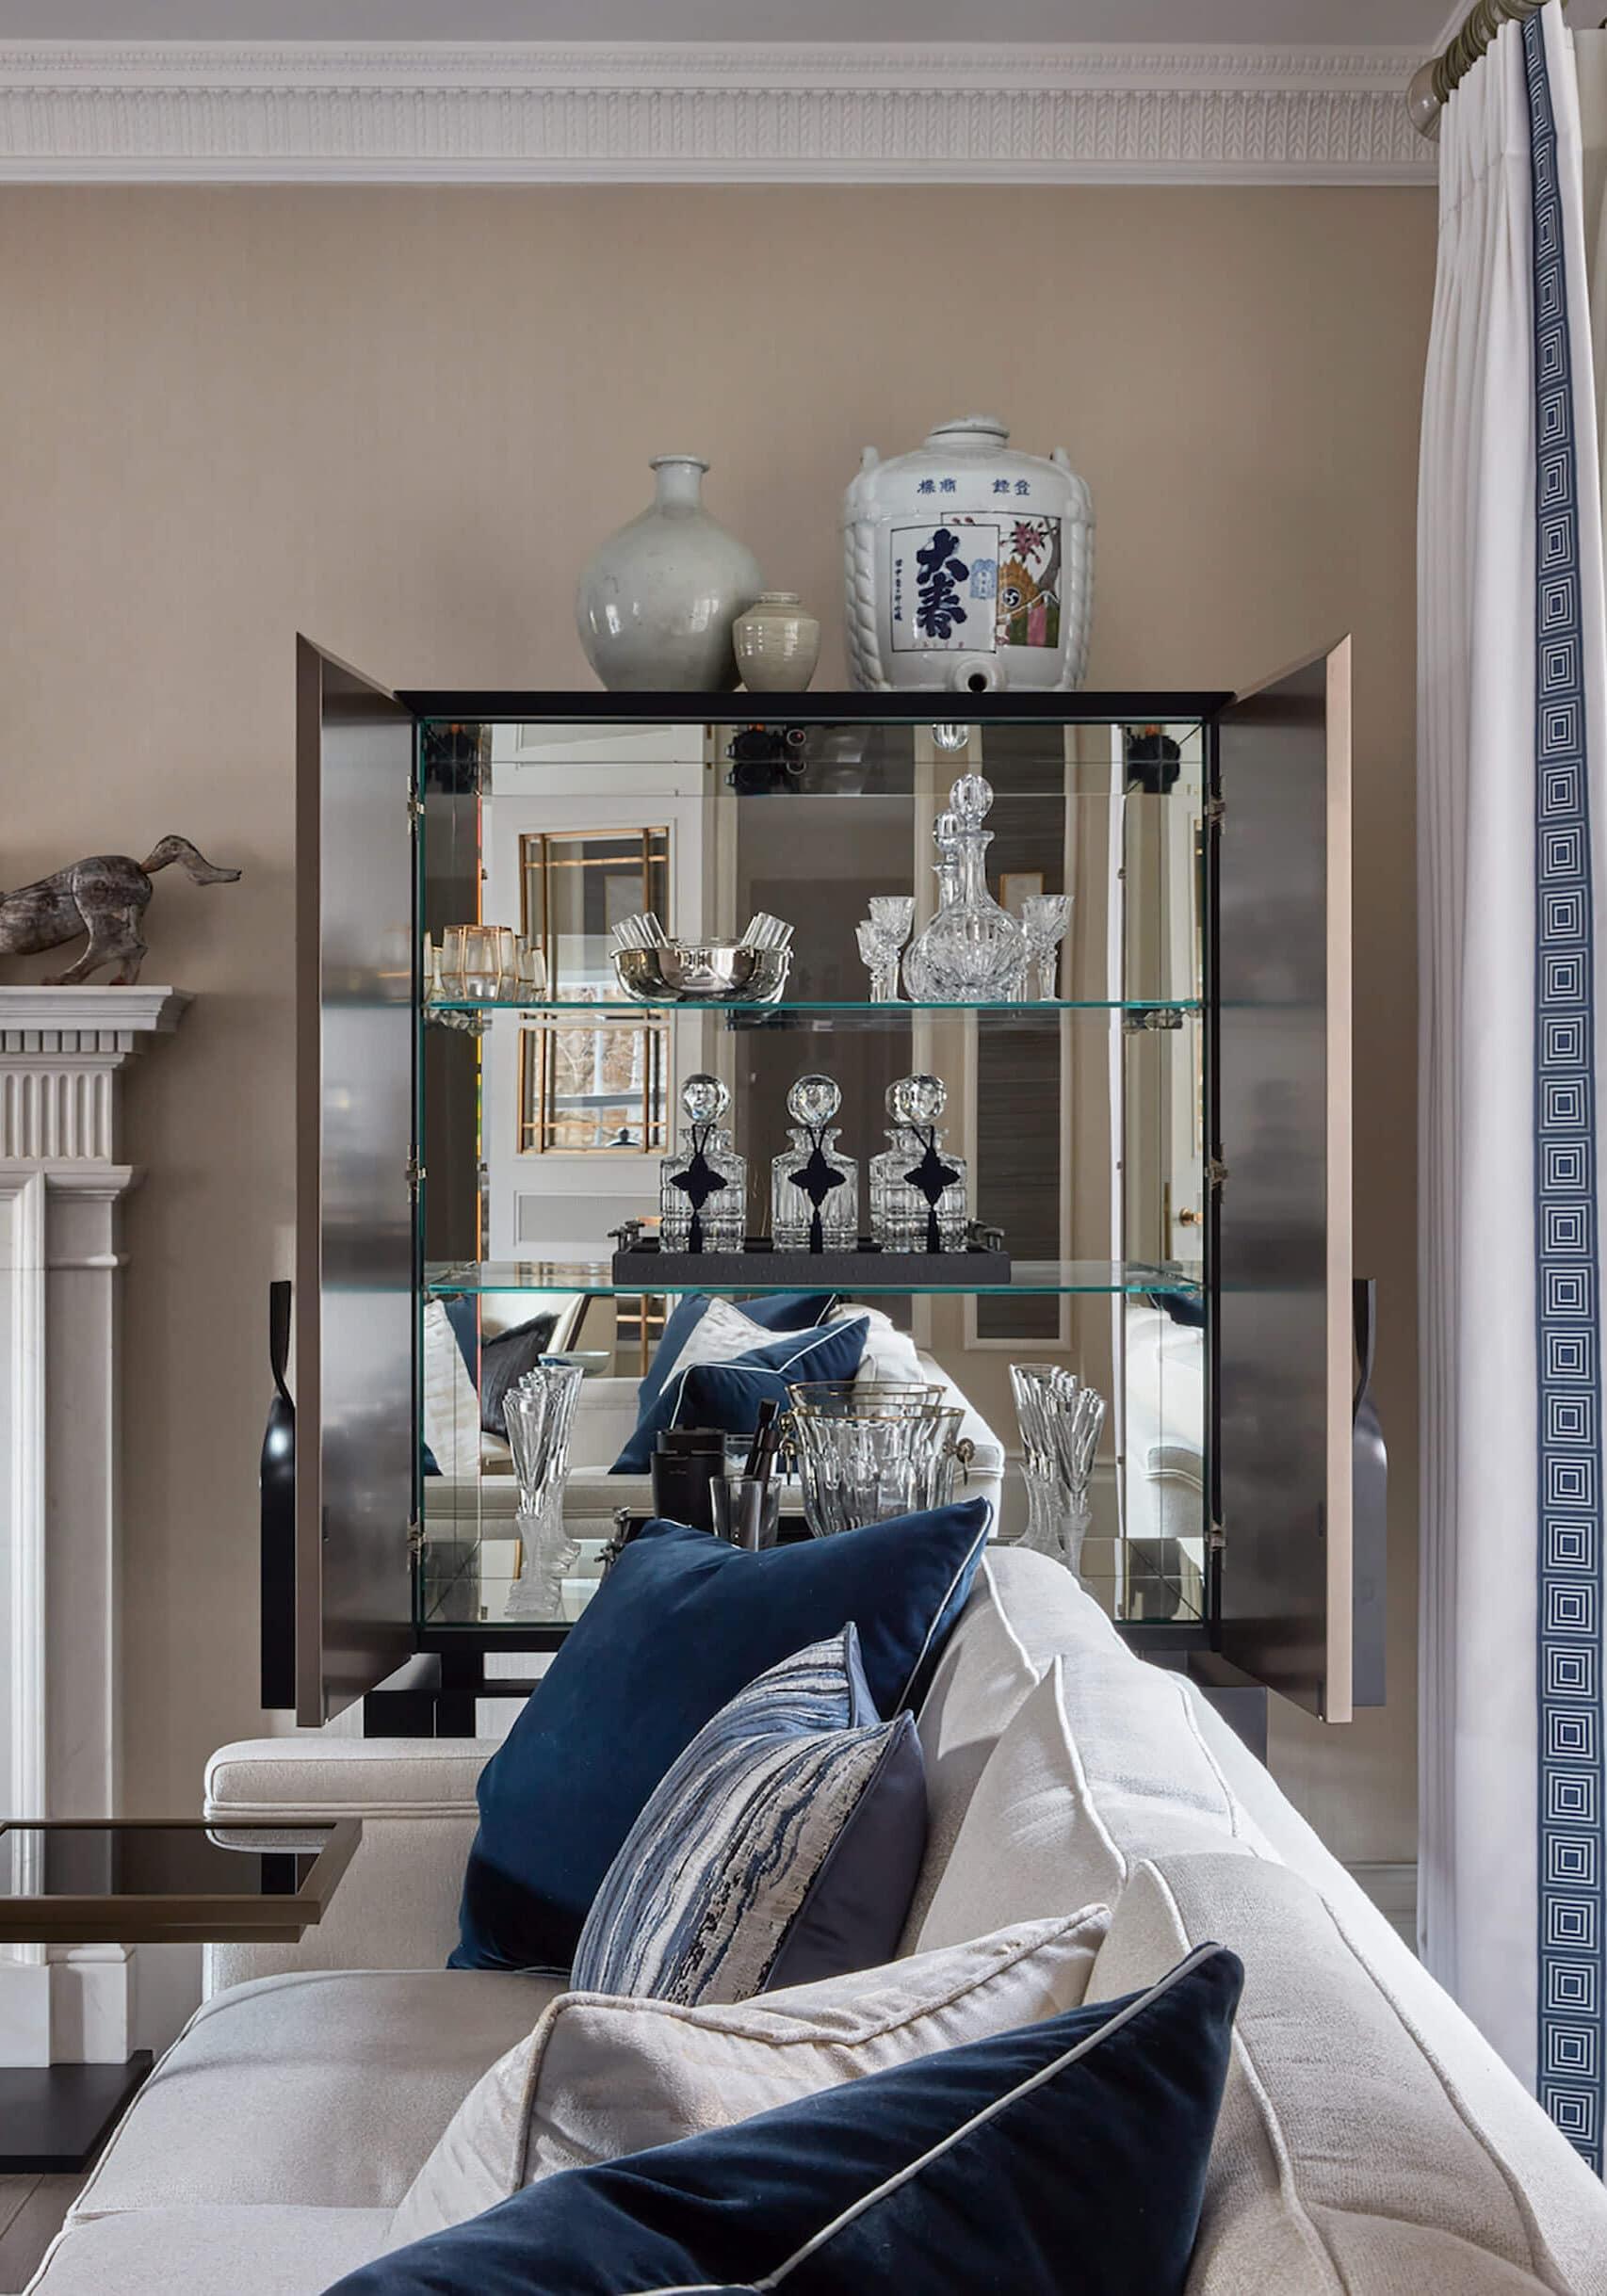 kensington interior designer